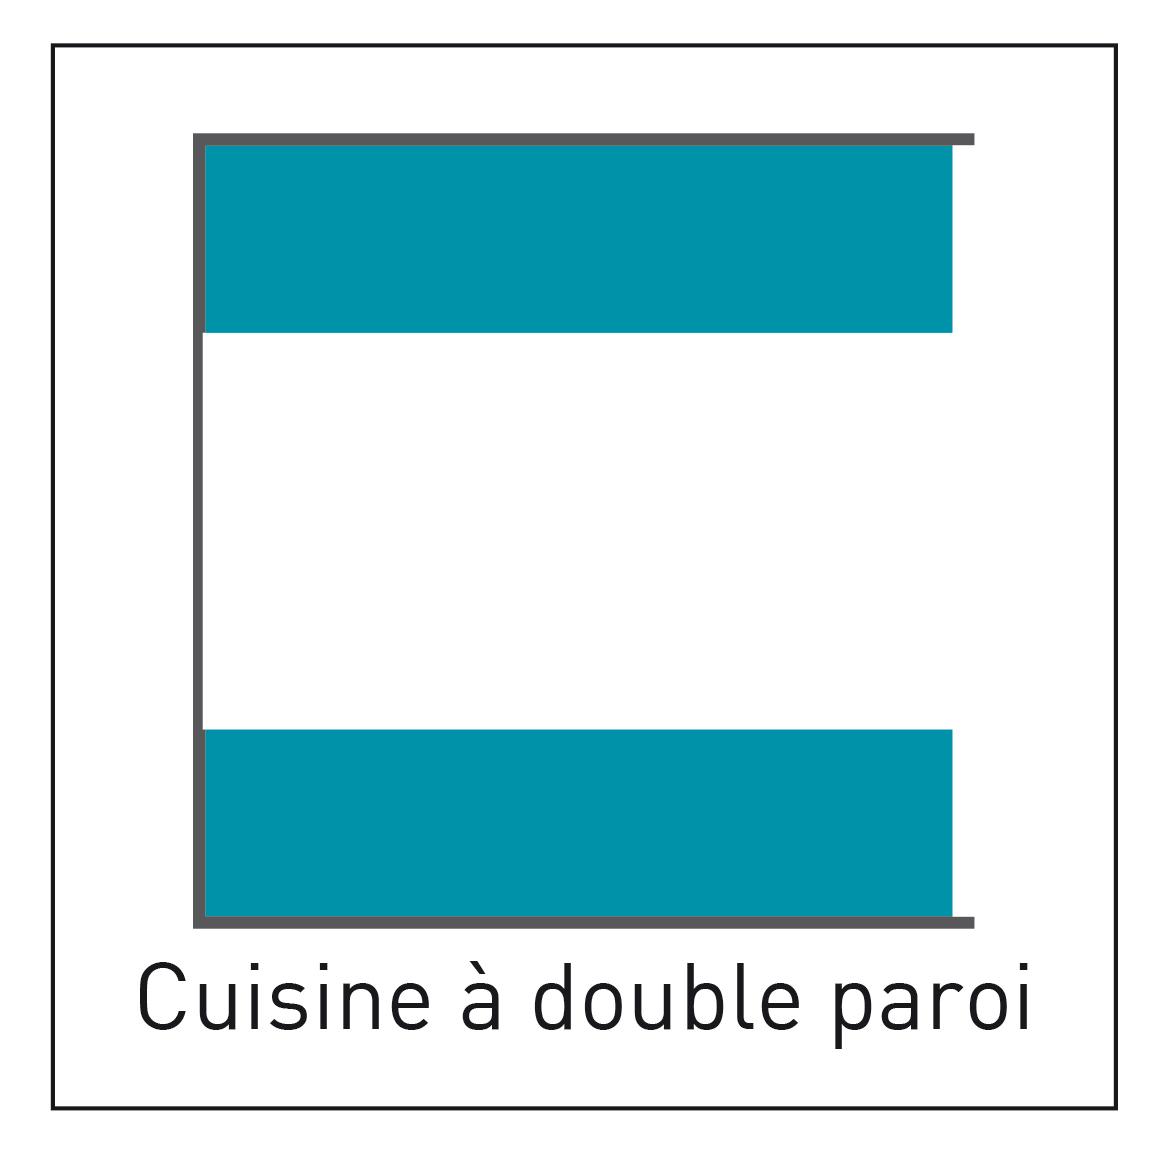 Configuration de cuisine à double paroi - INDUSCABEL